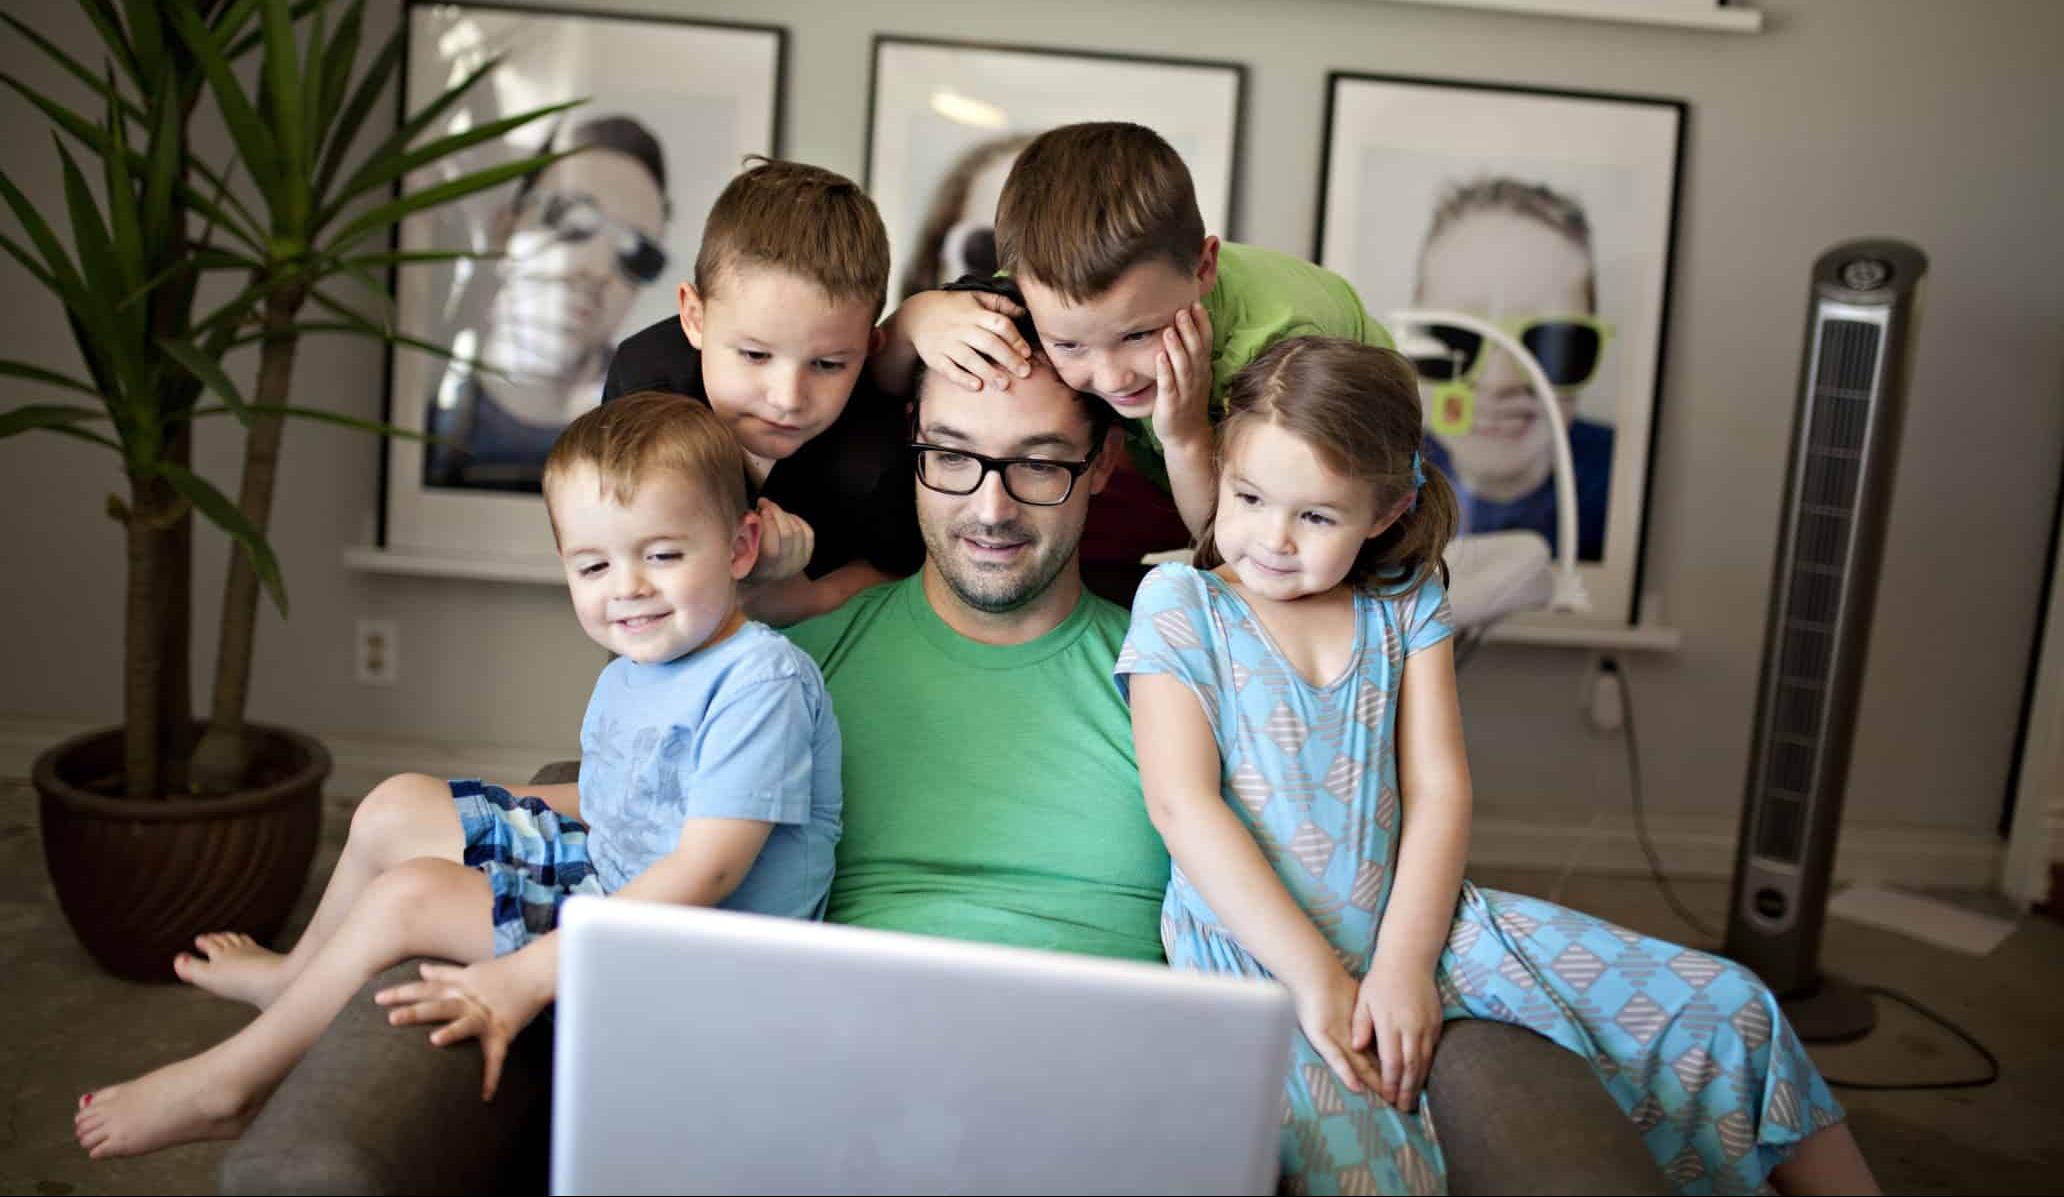 pai e filhos família